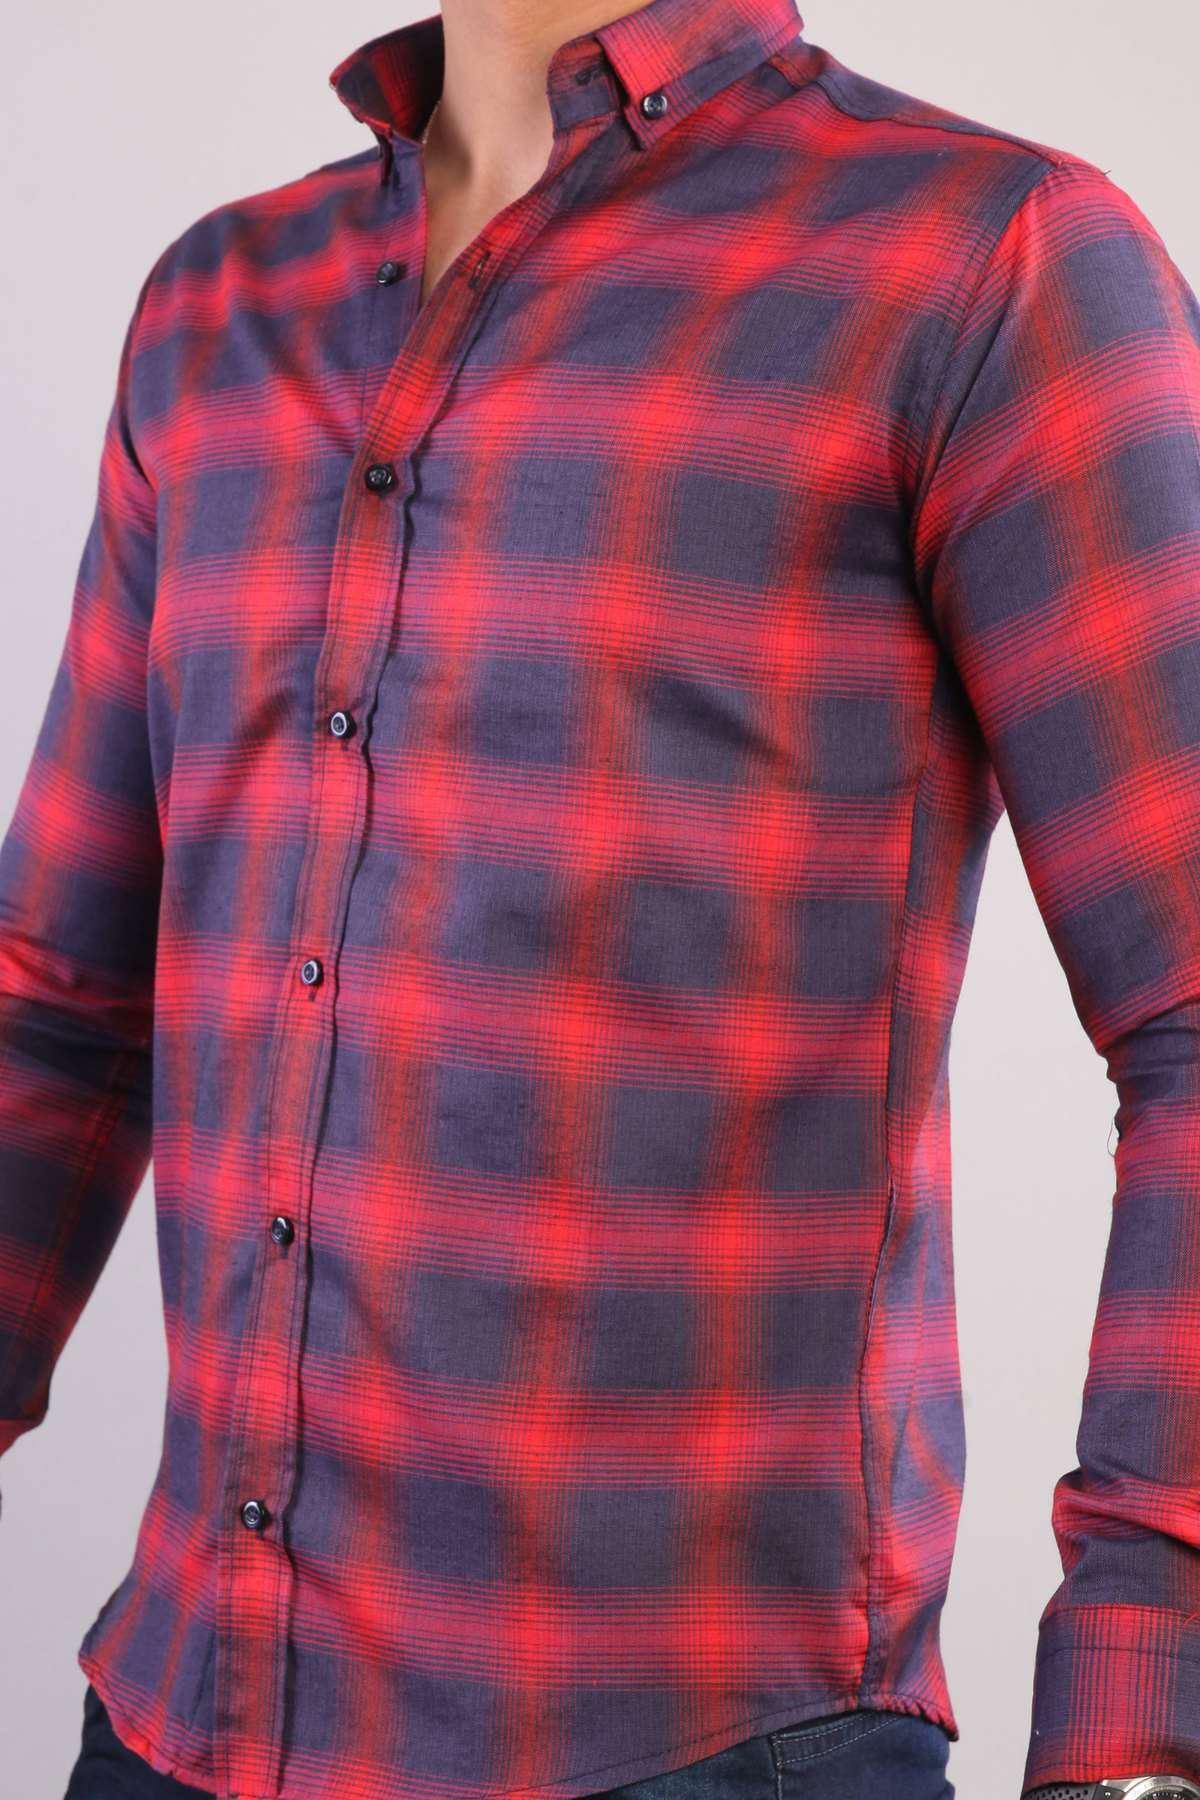 Büyük Kare Desenli İki Renkli Slim Fit Gömlek Lacivert-Bordo